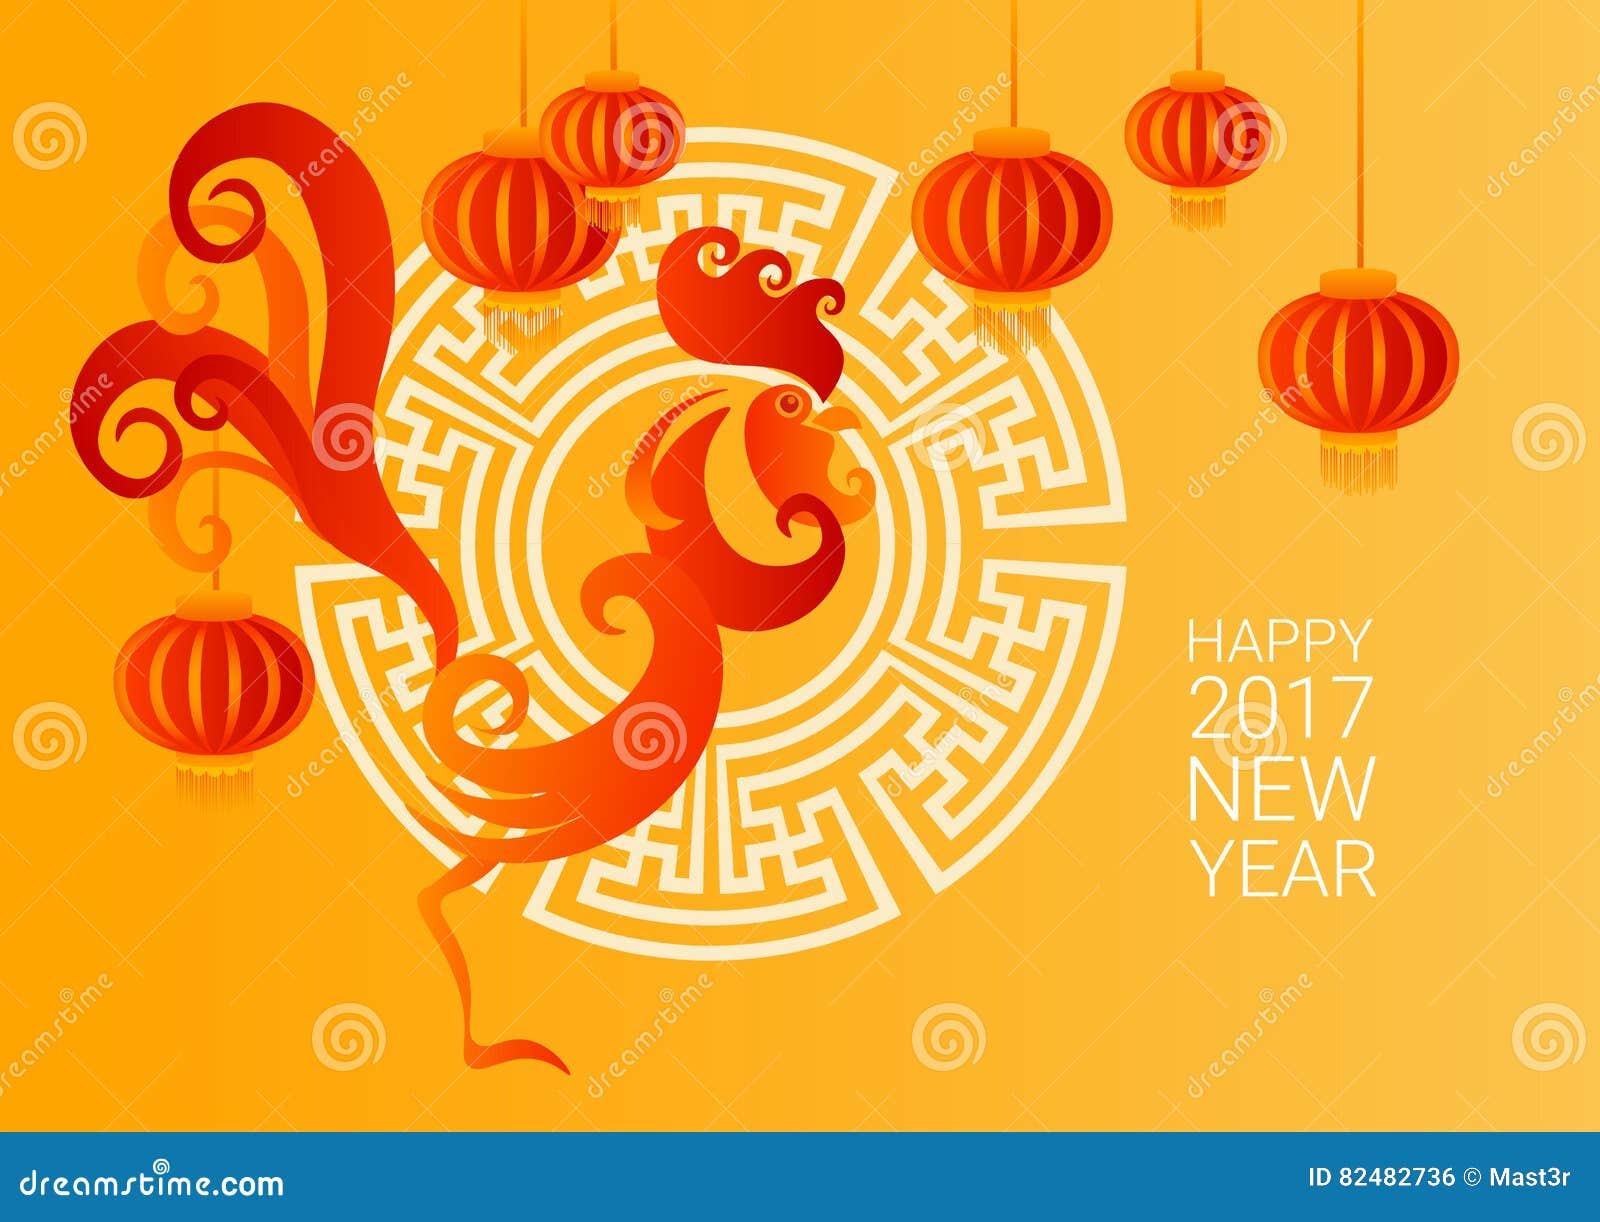 Horoskop för asiat för lykta för lycklig ny 2017 år tuppfågel kinesiskt